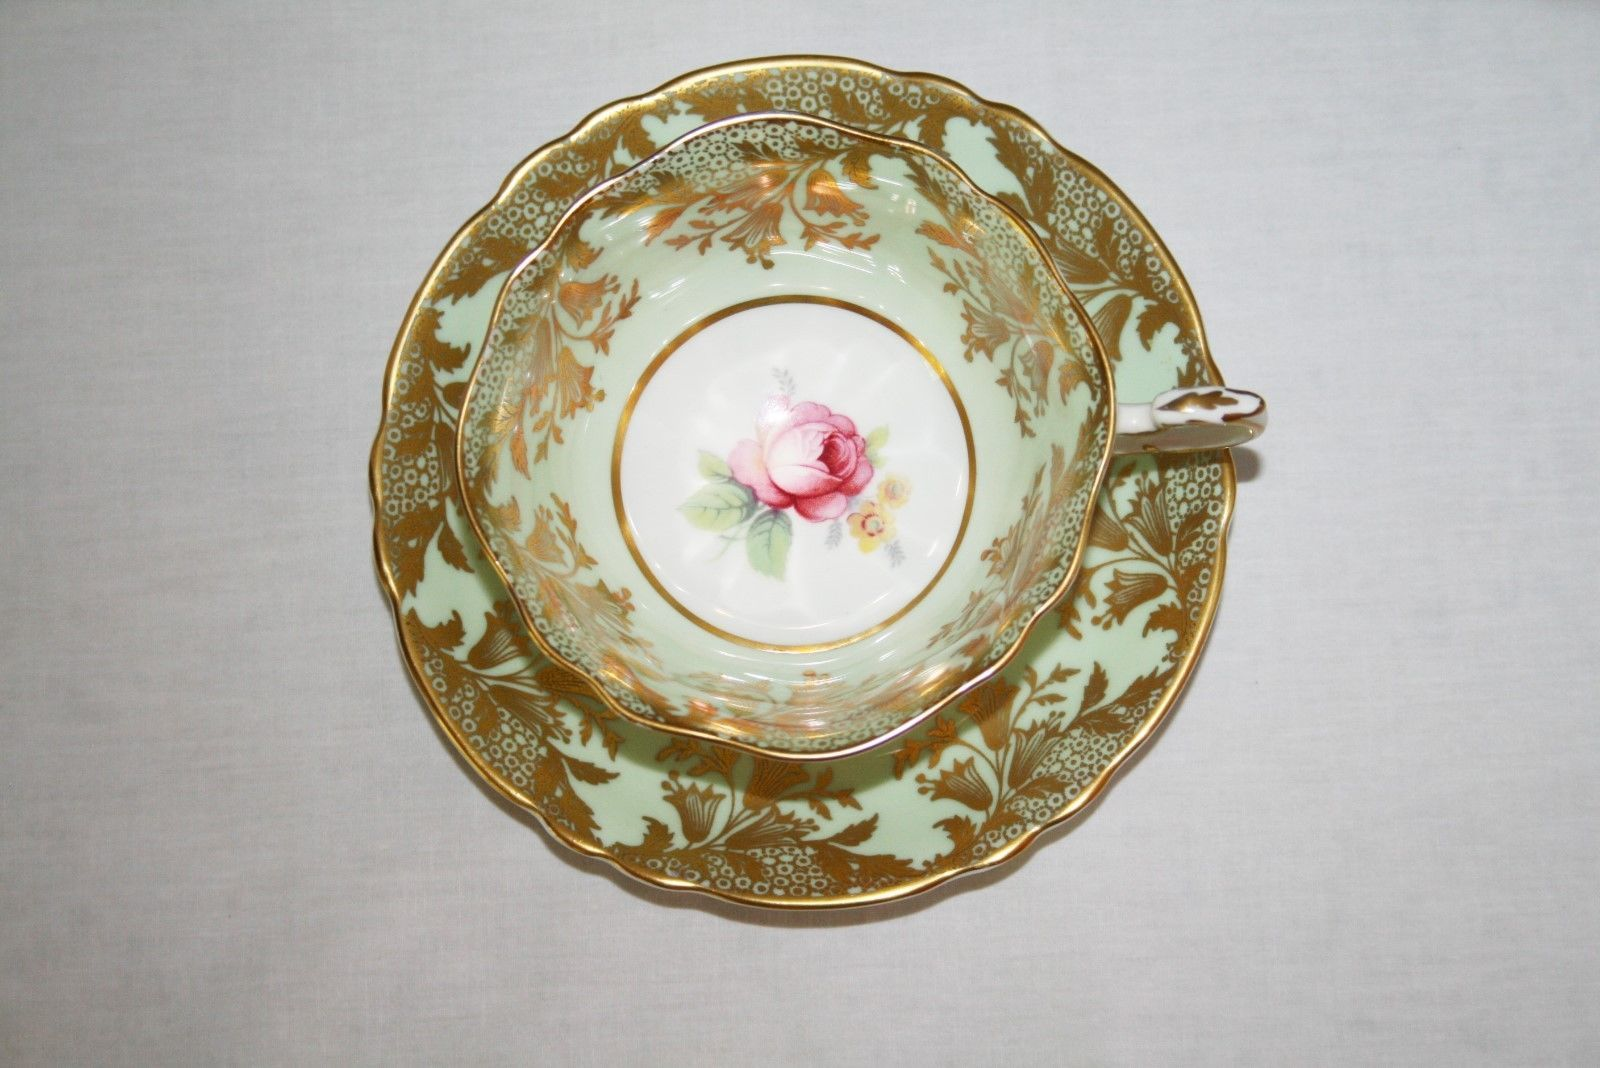 Paragon A391 Mint Green, Gold, Pink Rose Tea Cup & Saucer Set